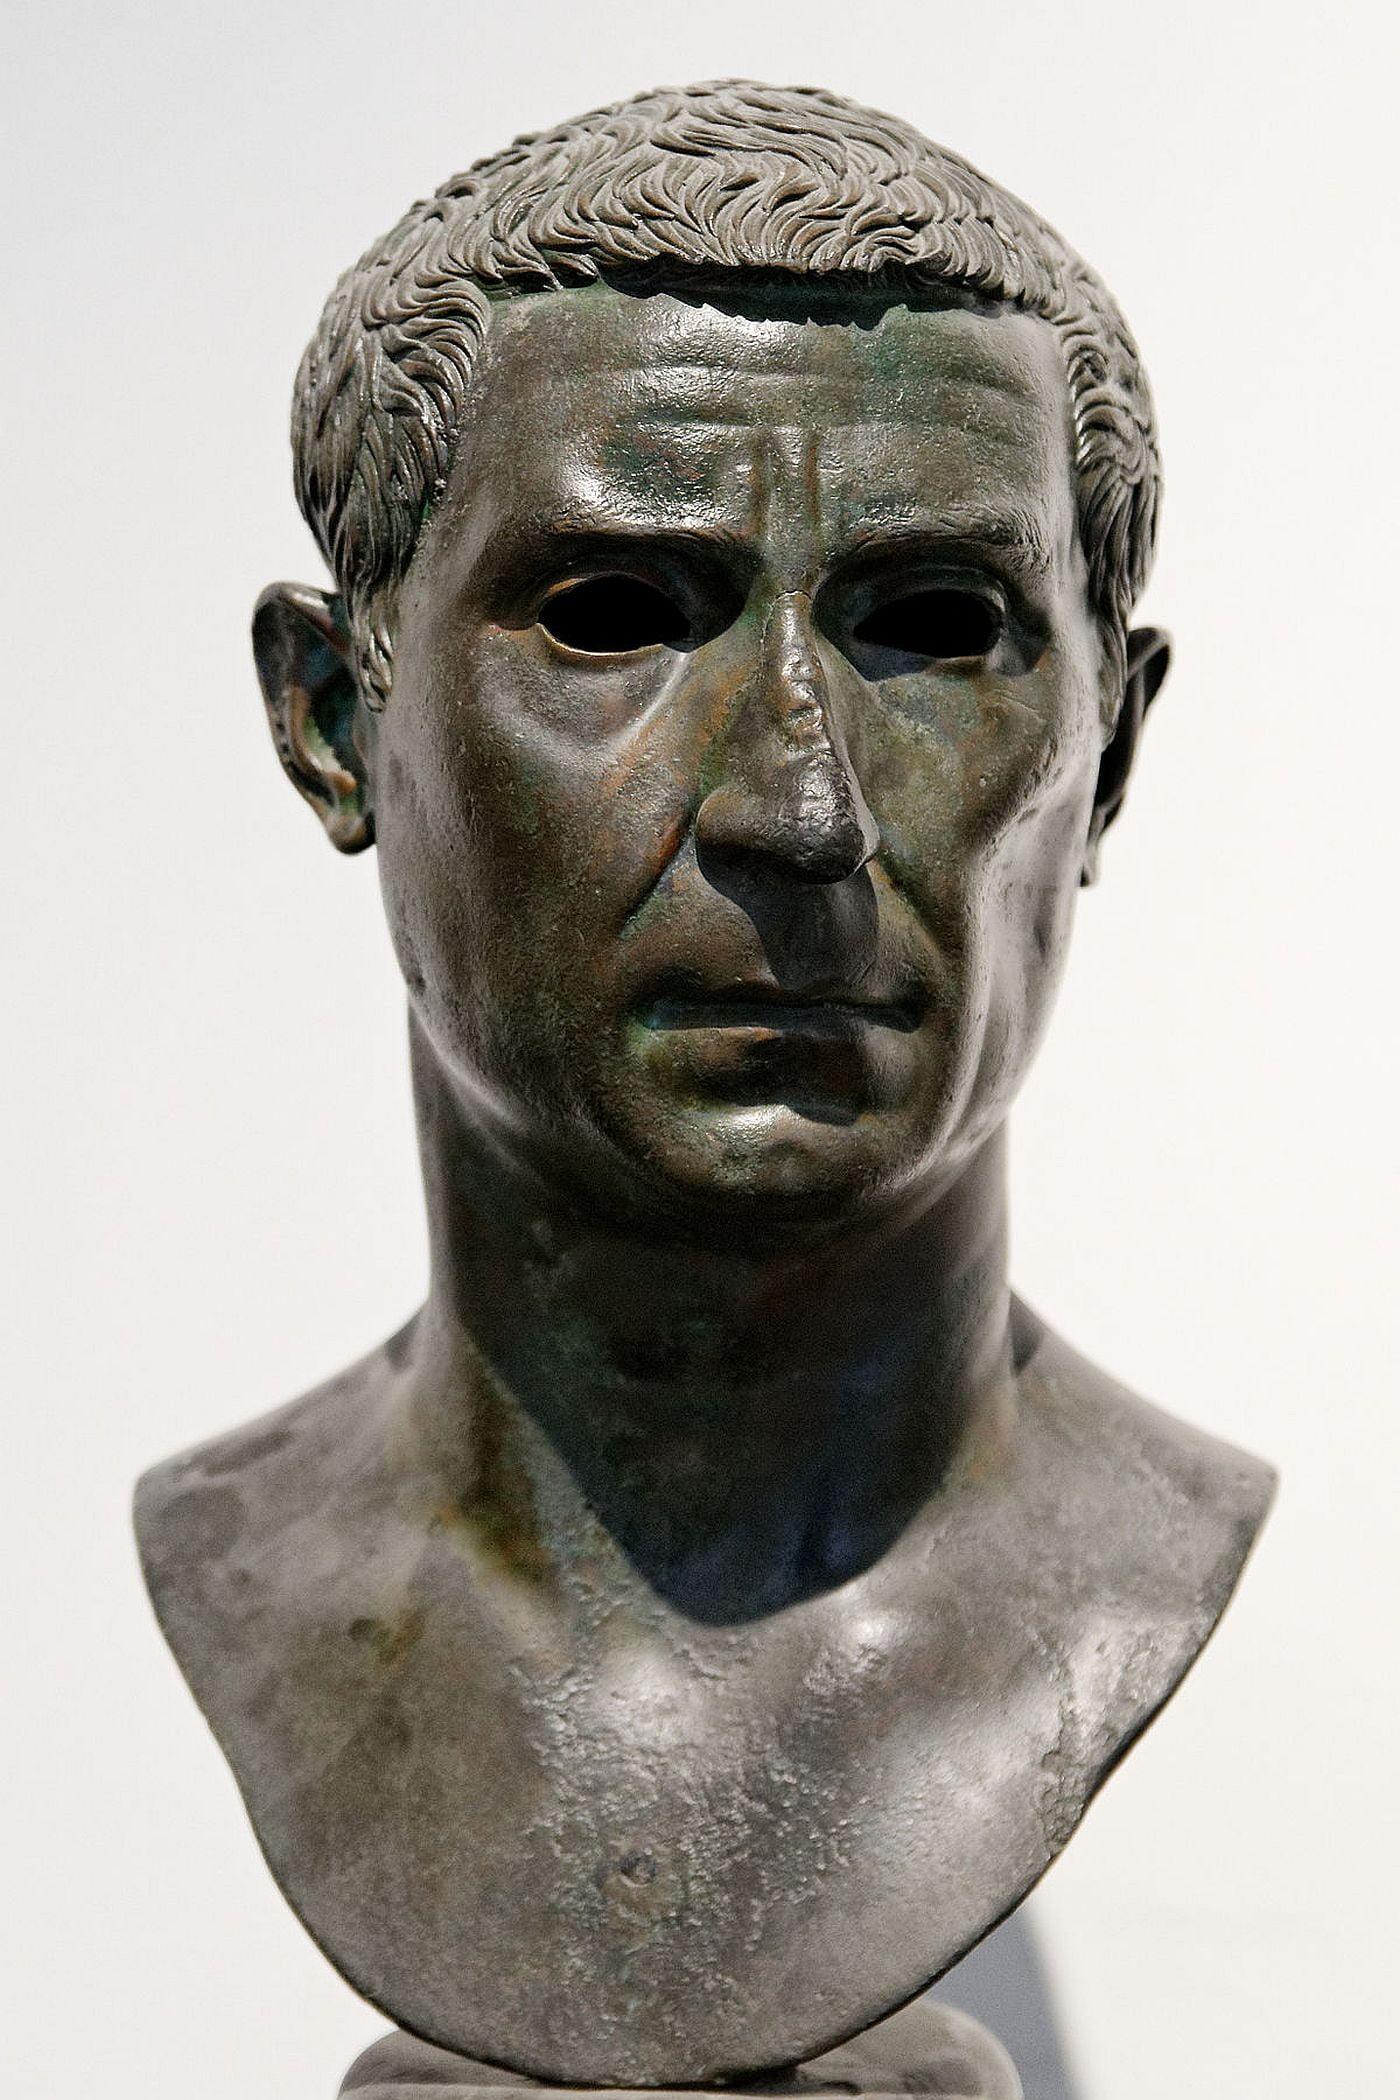 Pizon Pontifex, rzymski dowódca i senator.